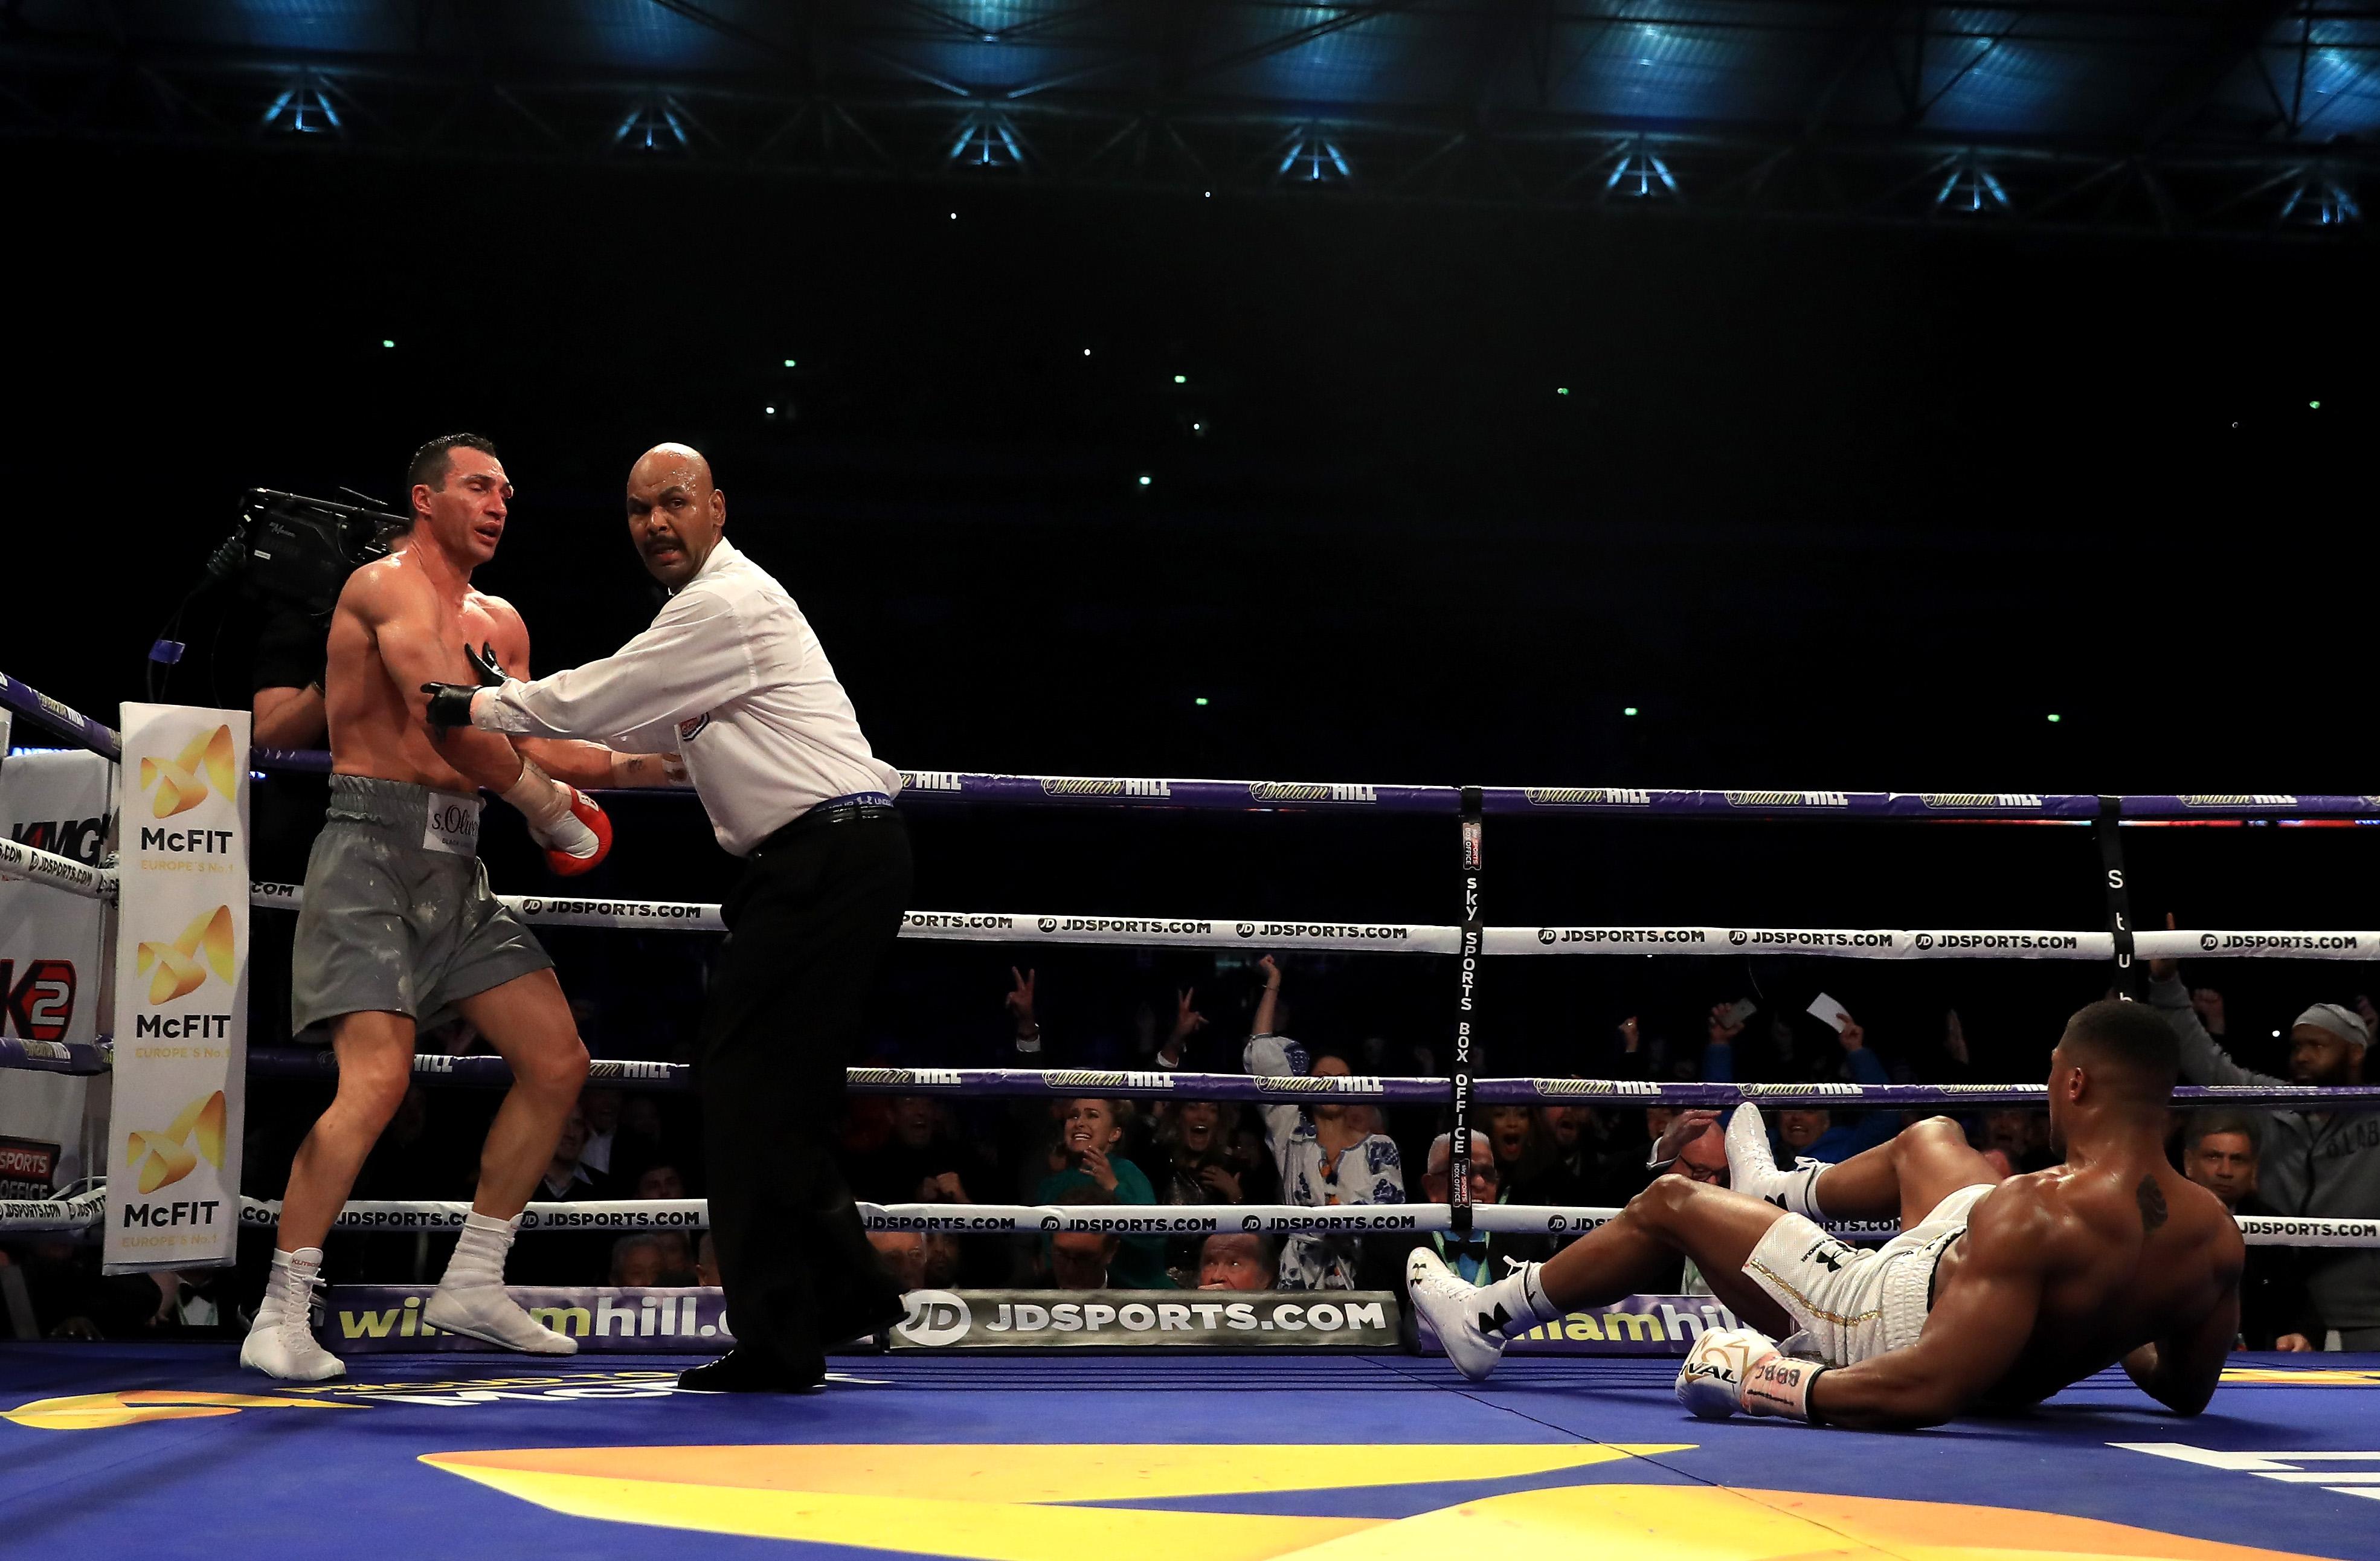 Британский боксер Энтони Джошуа нокаутировал Владимира Кличко